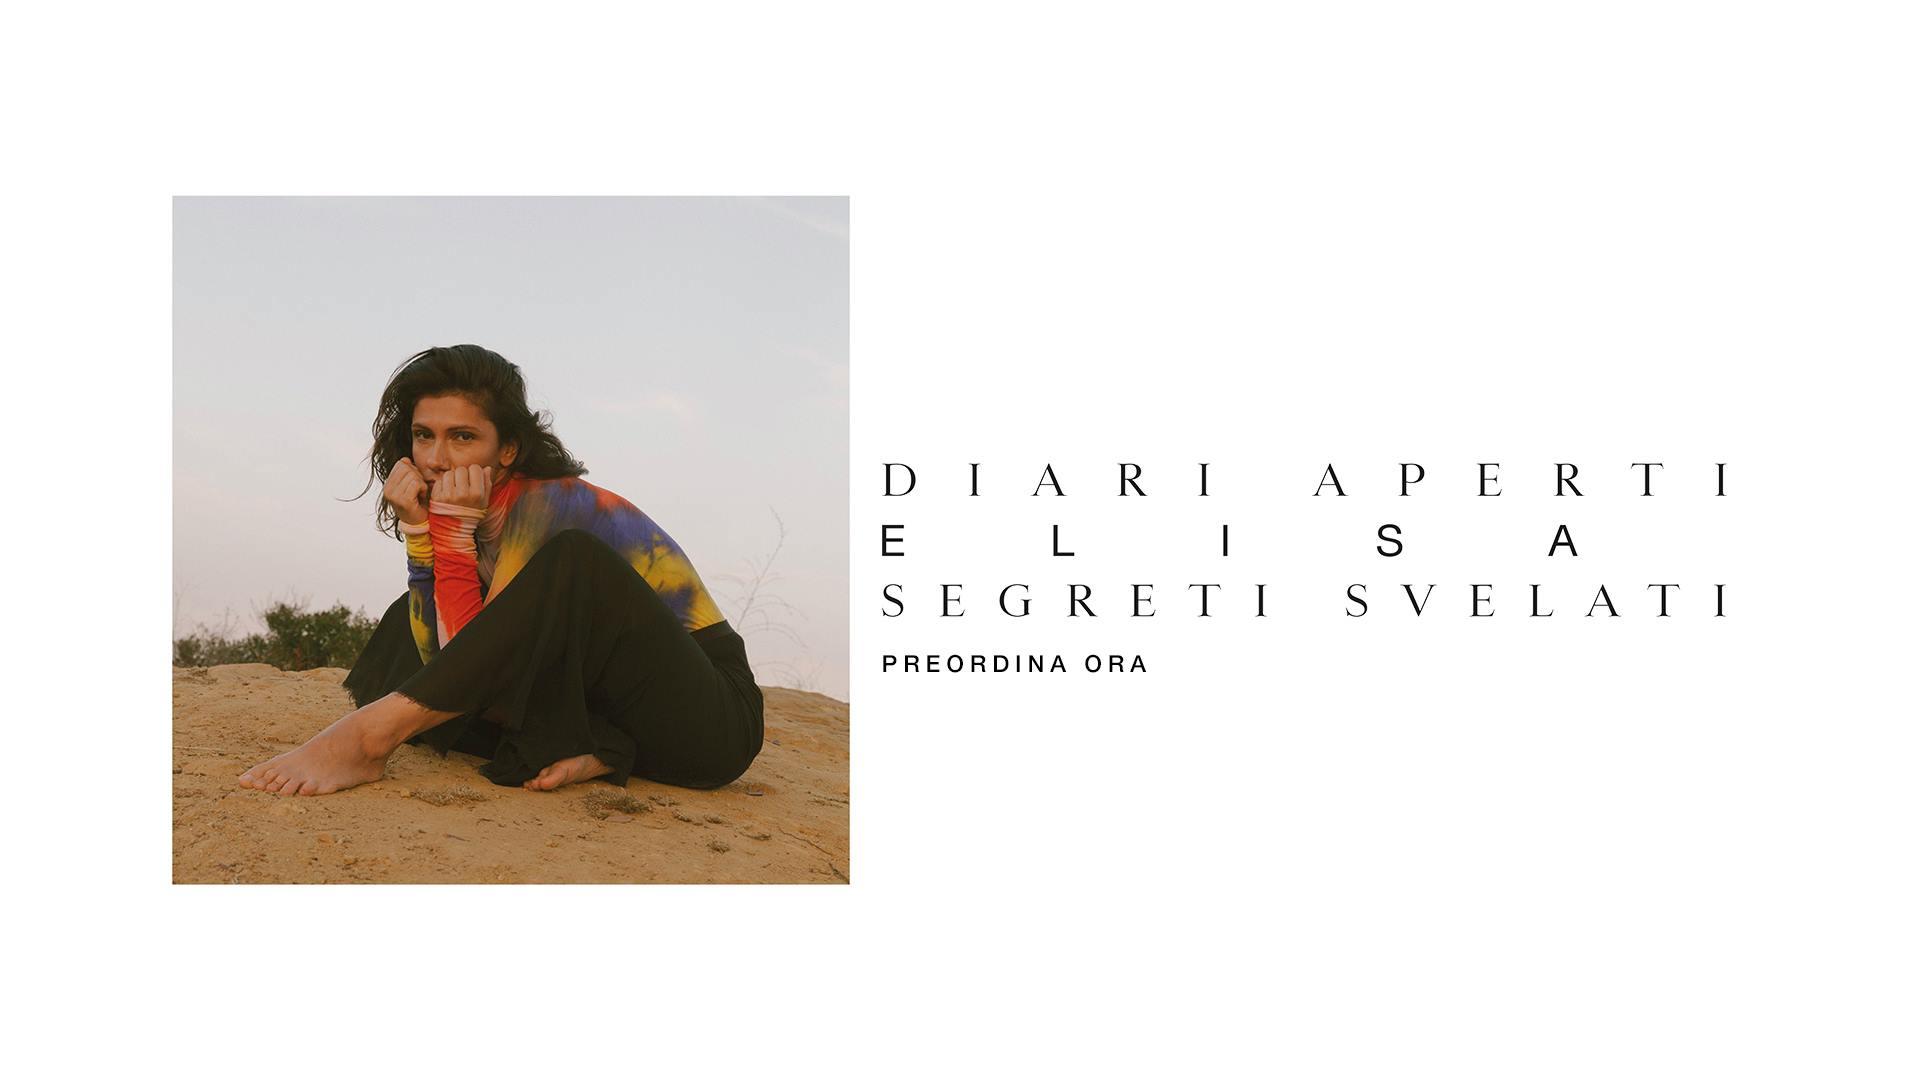 Elisa Diari Aperti Segreti Svelati Album 2019 copertina